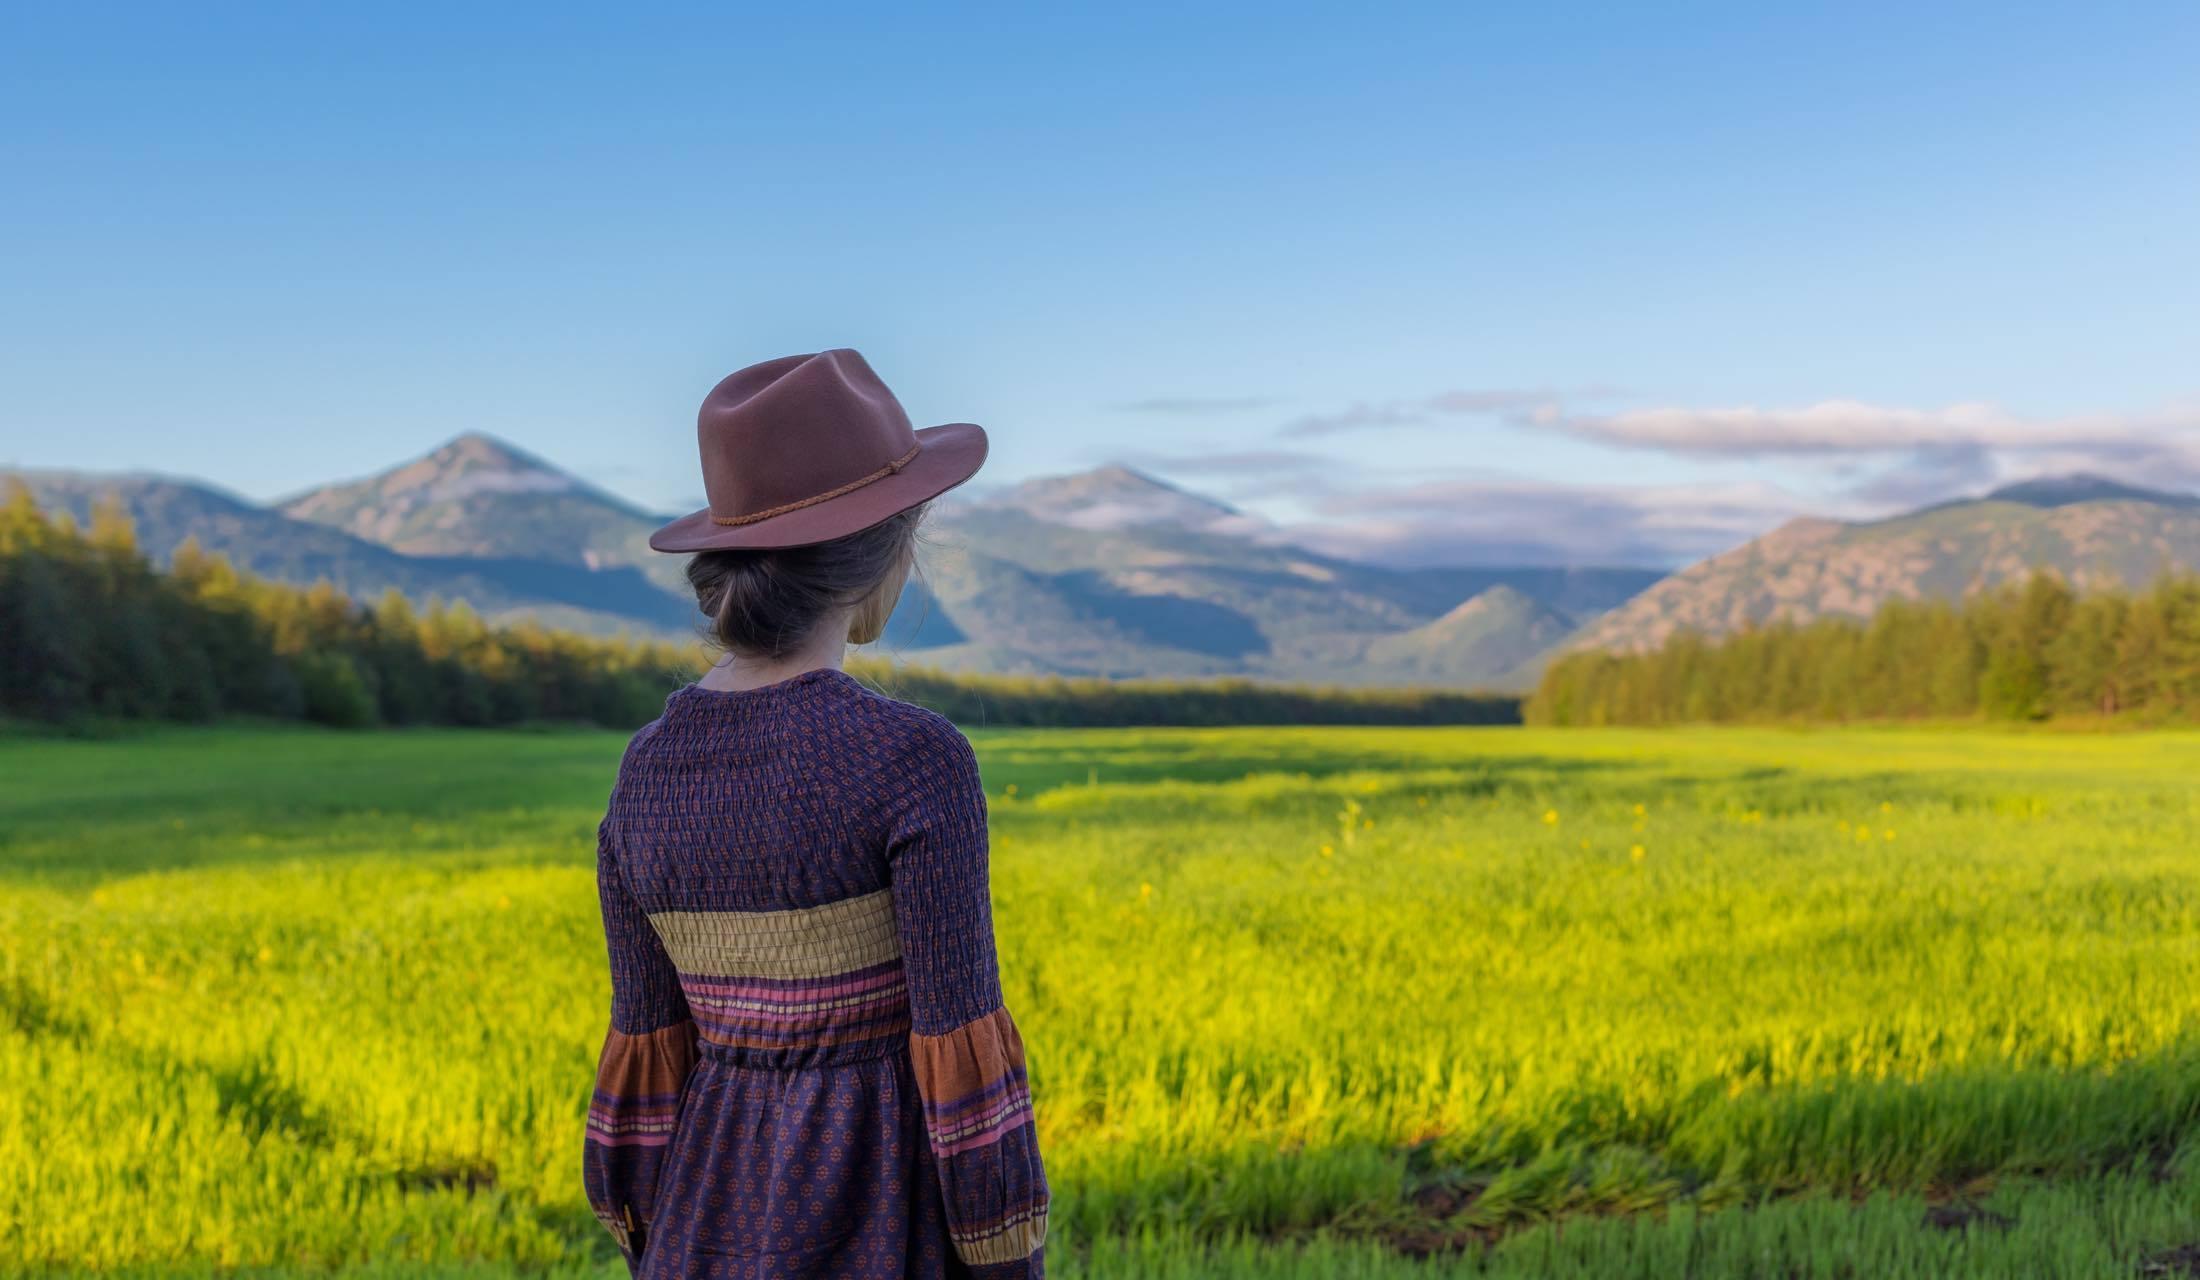 田園を前に帽子をかぶって佇む女性